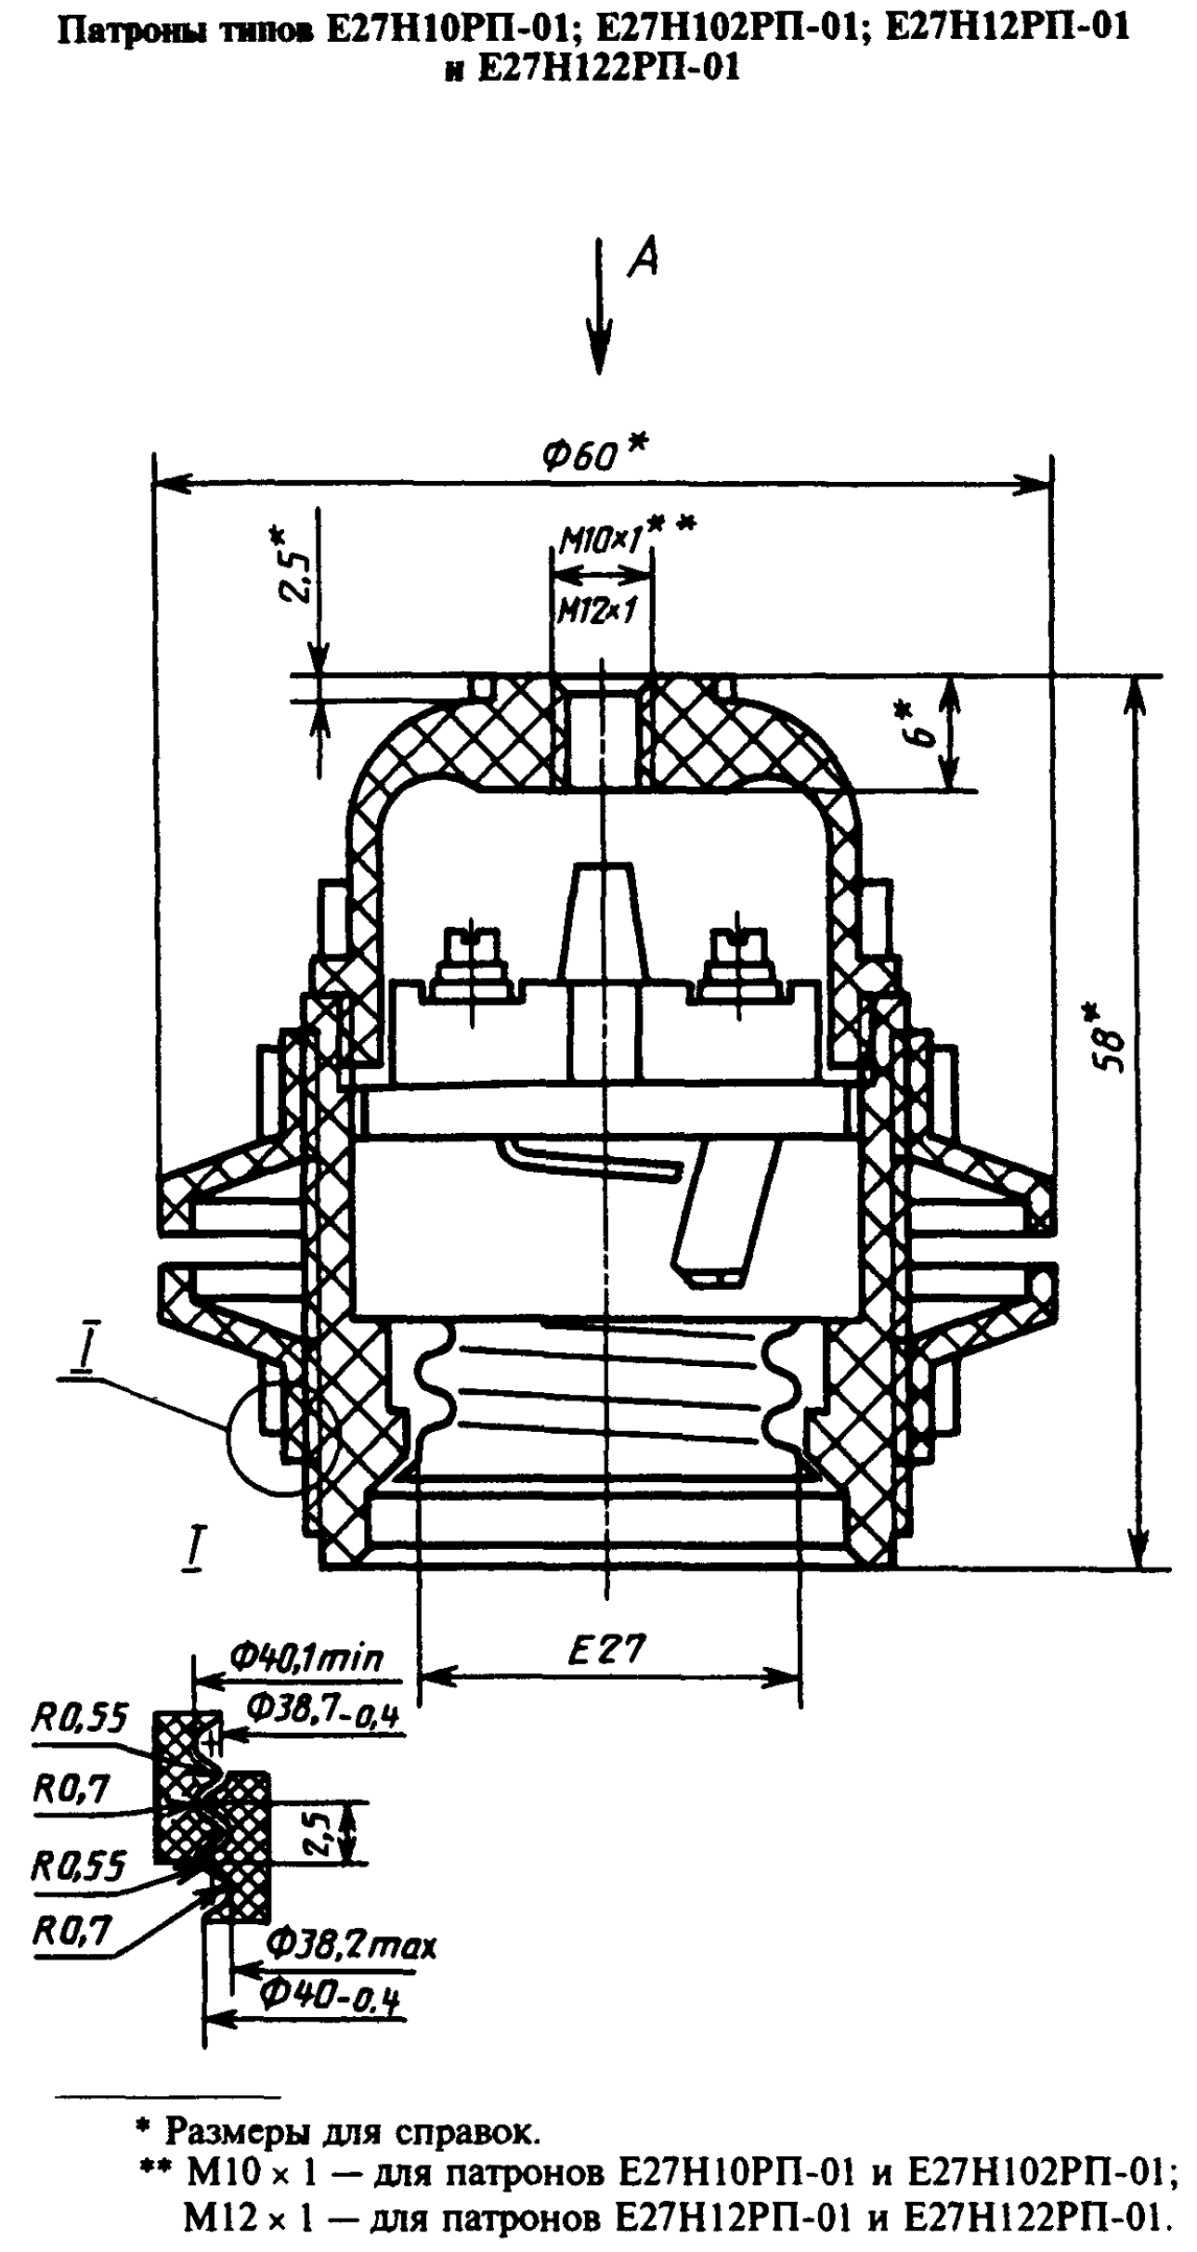 Крепление патрона с шайбами под абажур или плафон за ниппель